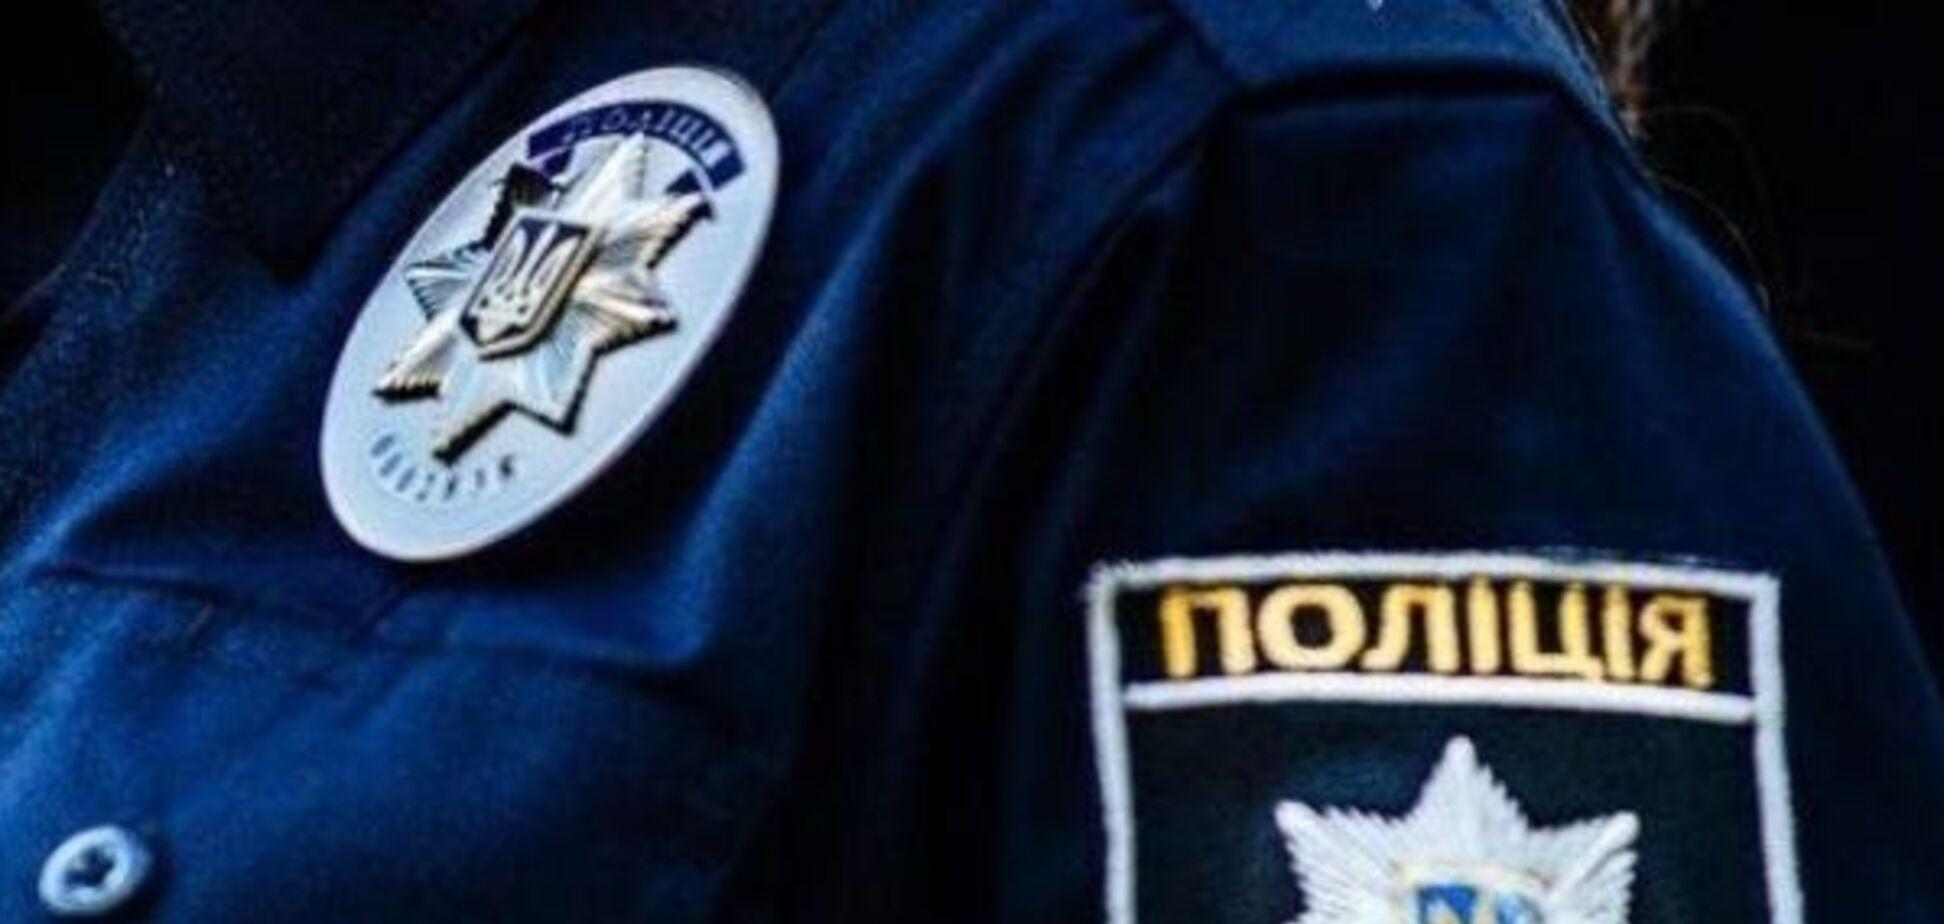 'Был религиозным': новые детали жуткого самоубийства дрелью в Херсоне